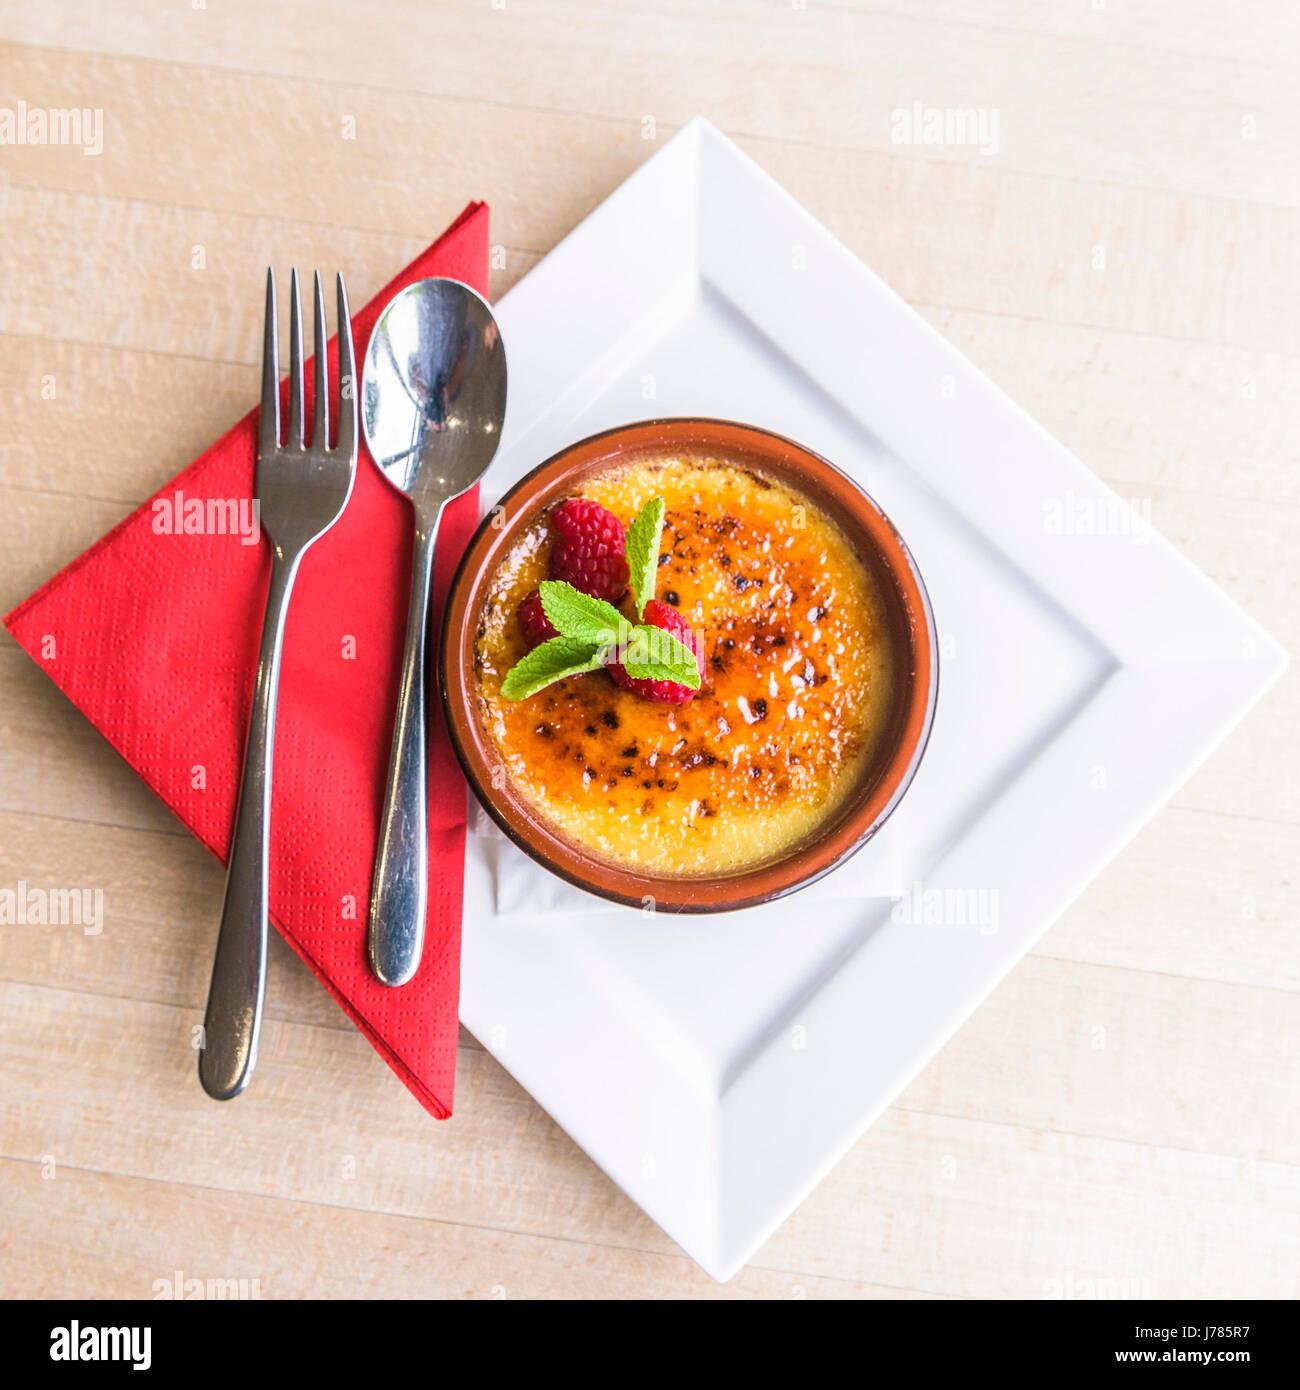 Un Creme Brulée servido en un restaurante; el postre; Alimentos;; budín dulce; cubertería; Rasberries; Imagen De Stock